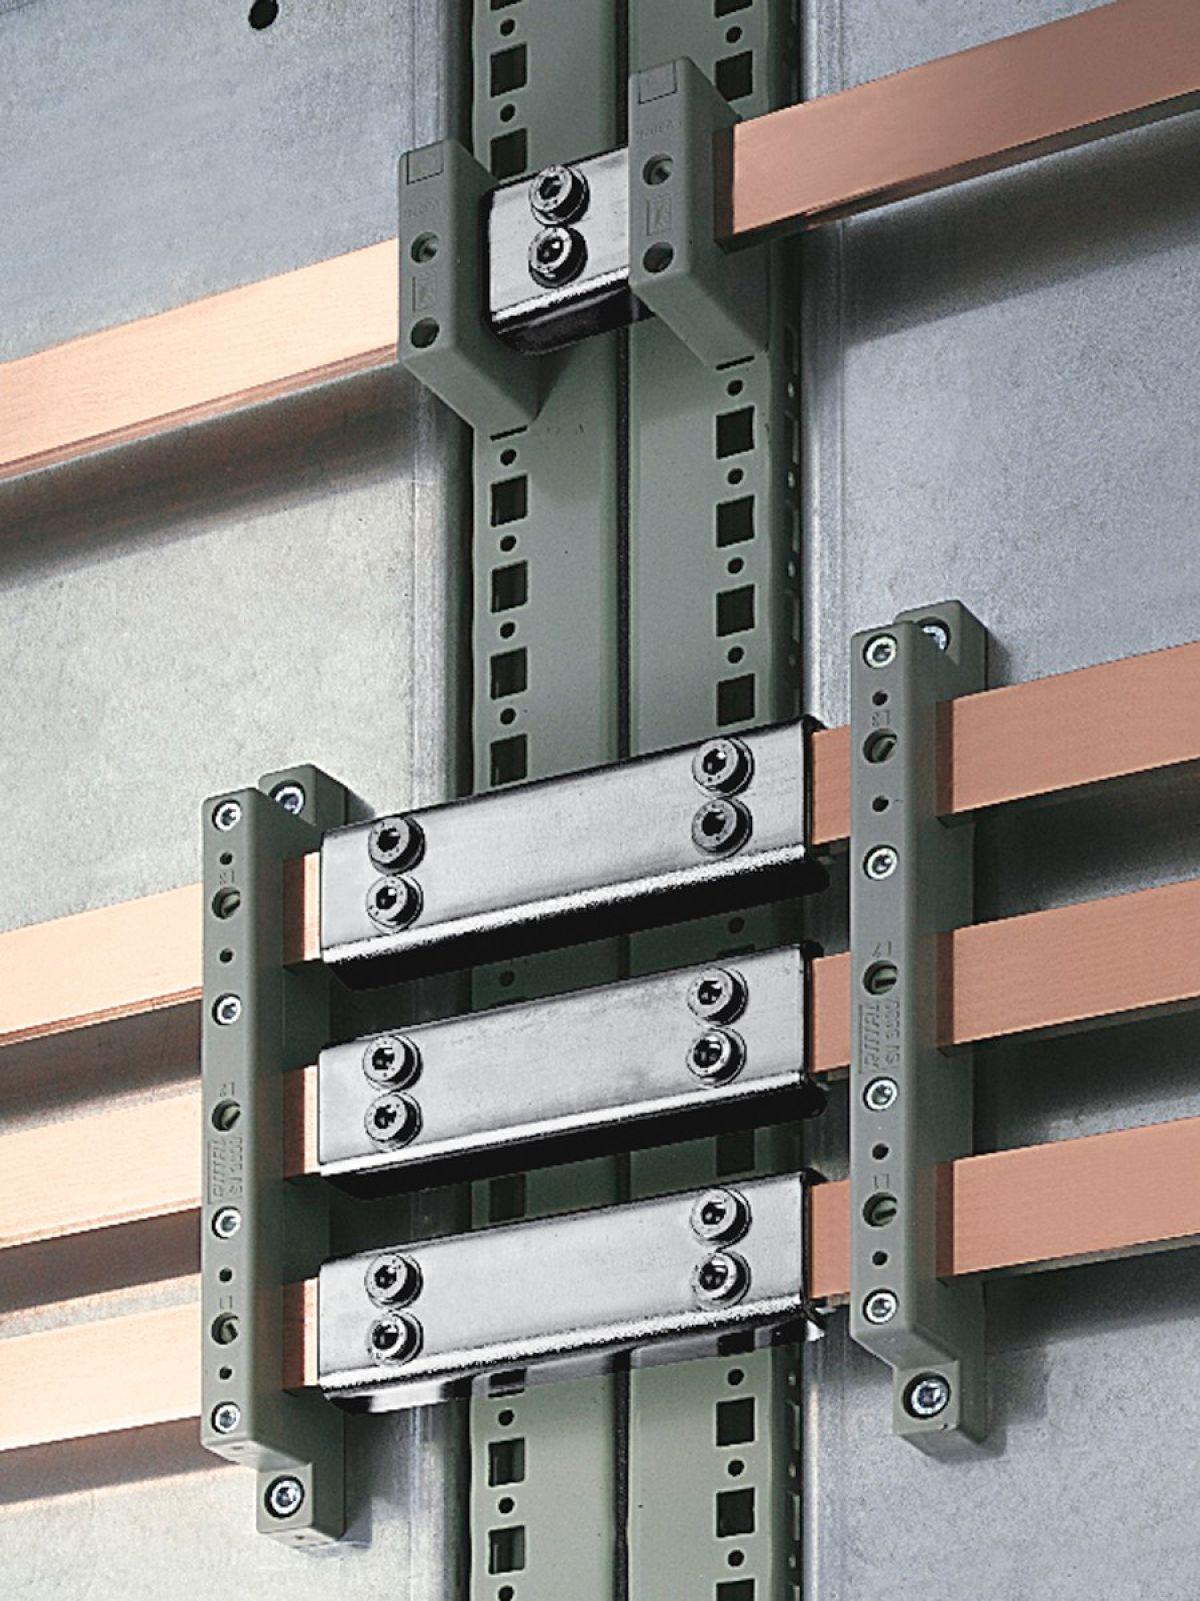 confezione da 10 /1240/m-ph4230/Coromill 300/inserto per fresatura Sandvik Coromant R300/